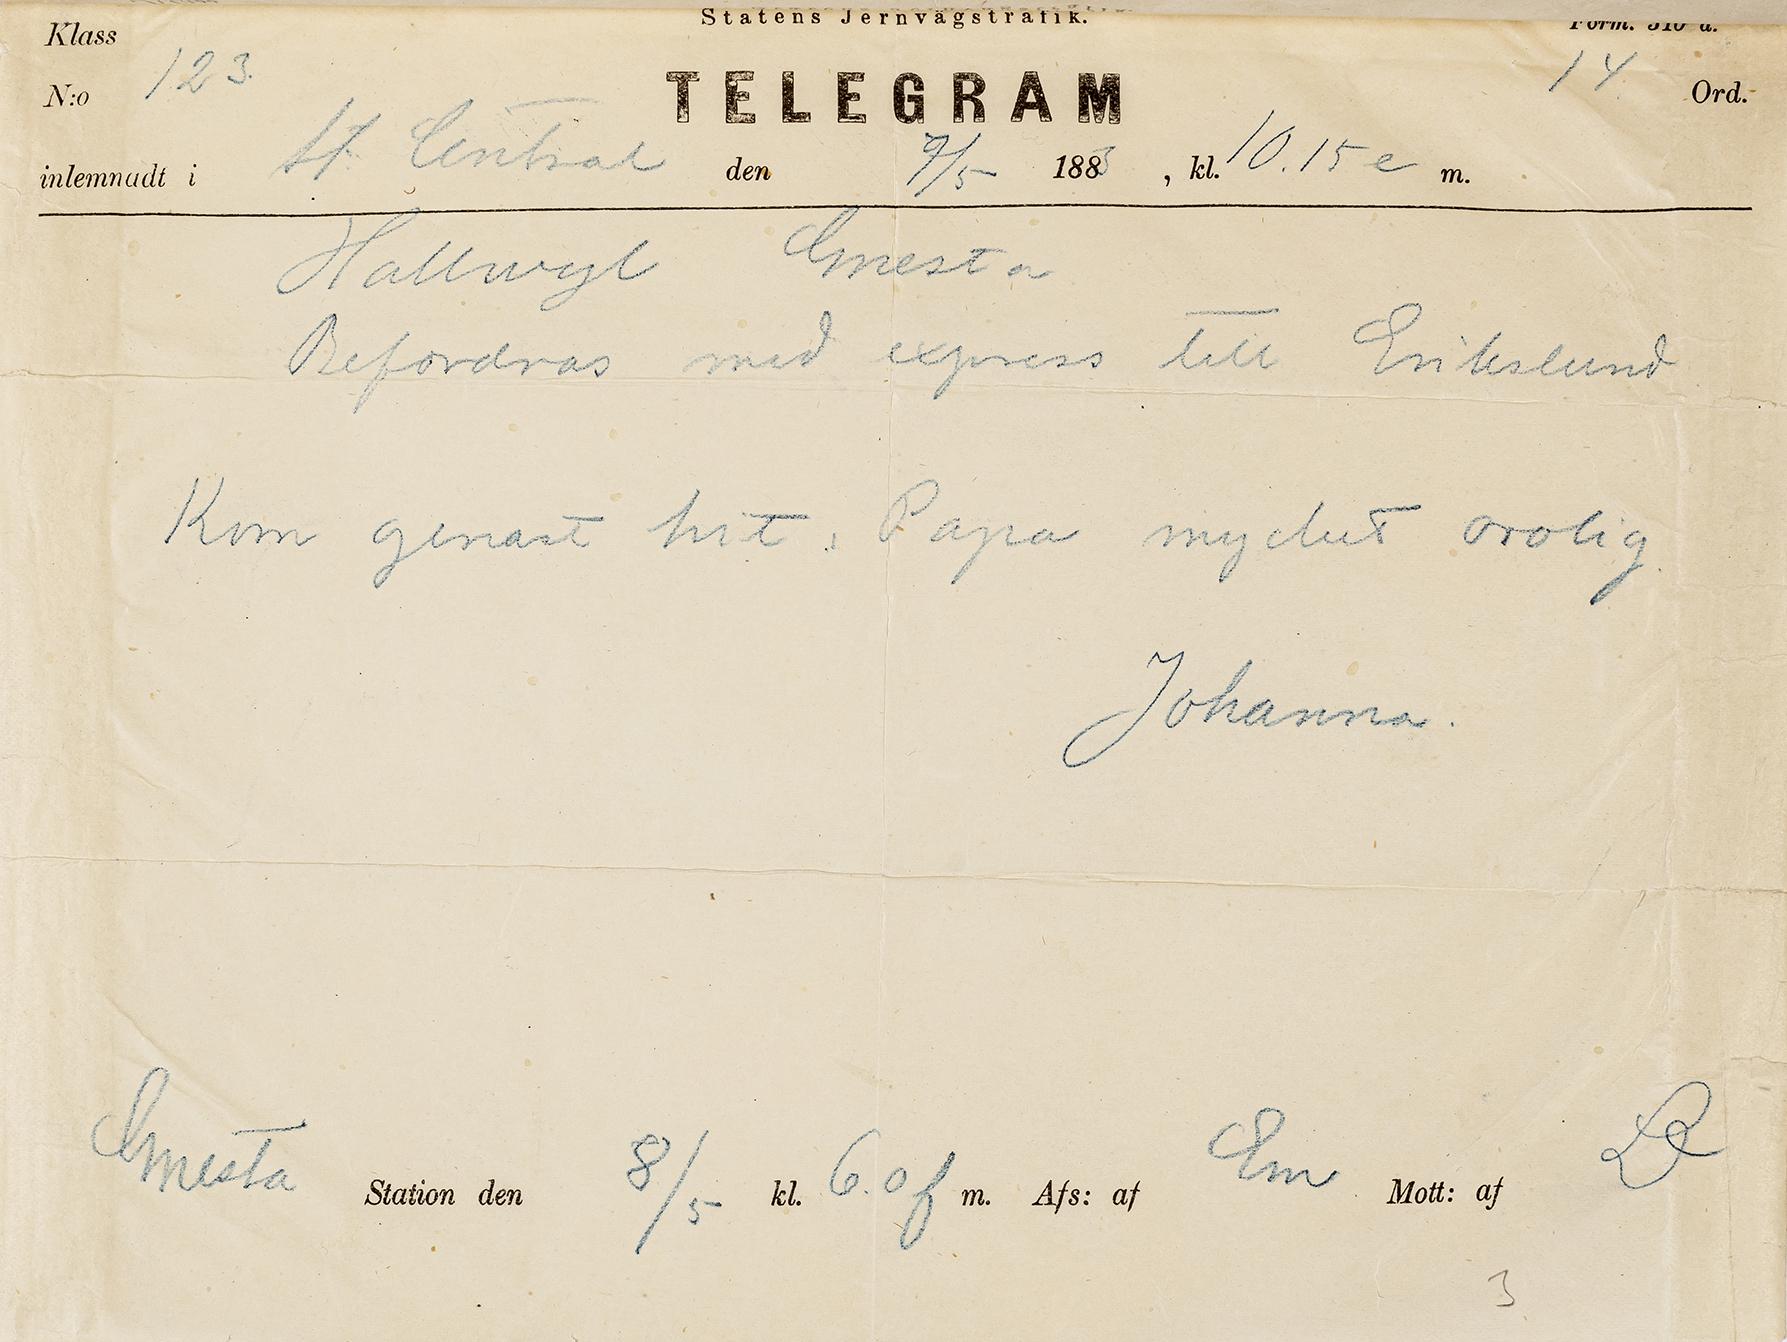 Telegram med handskriven text i blått bläck på gulnat papper.